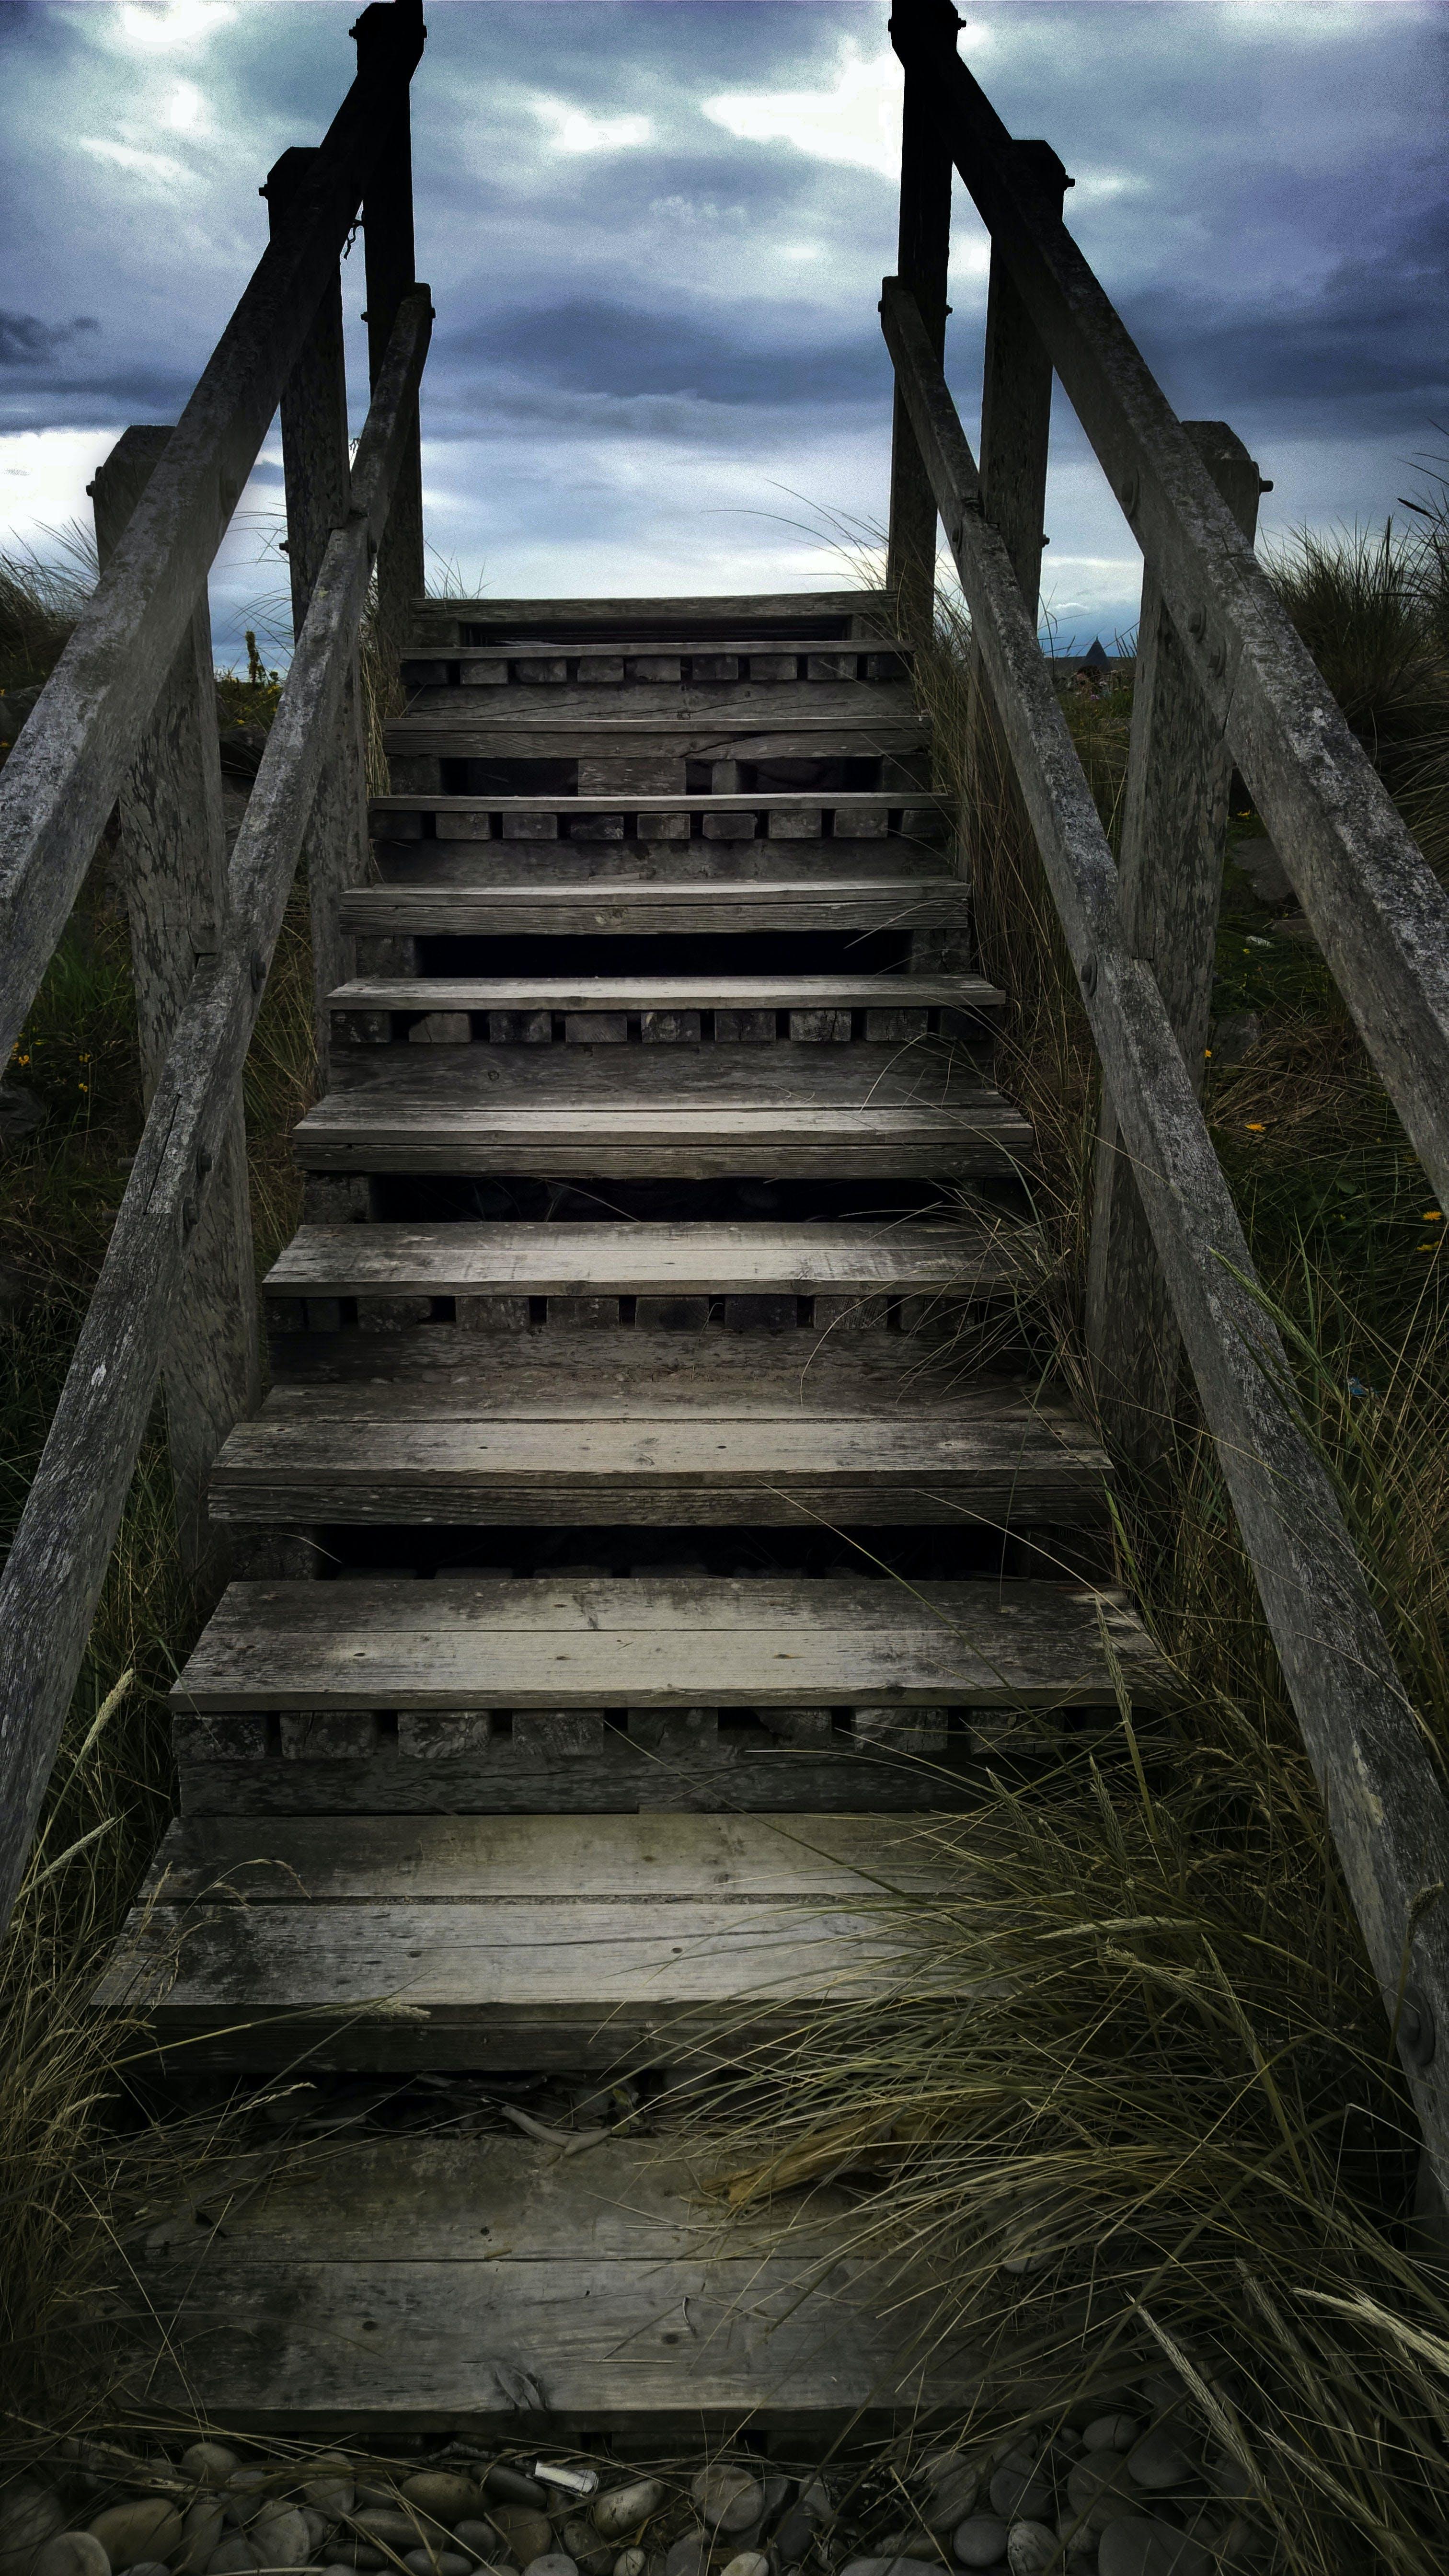 Free stock photo of beach, Dark Sky, grassy, hardwood